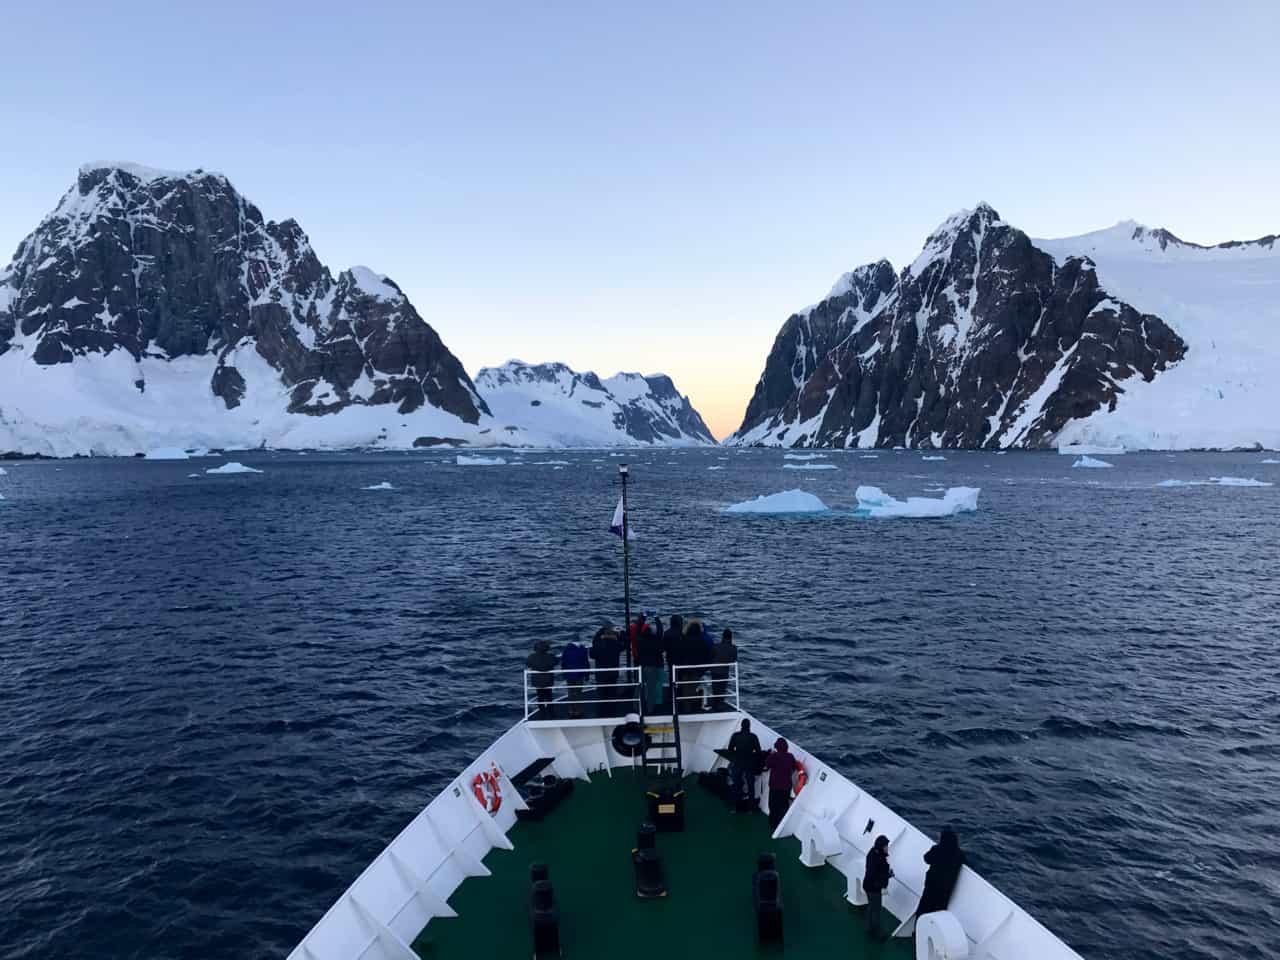 Visiting Antarctica aboard the expedition ship, MV Ushuaia.